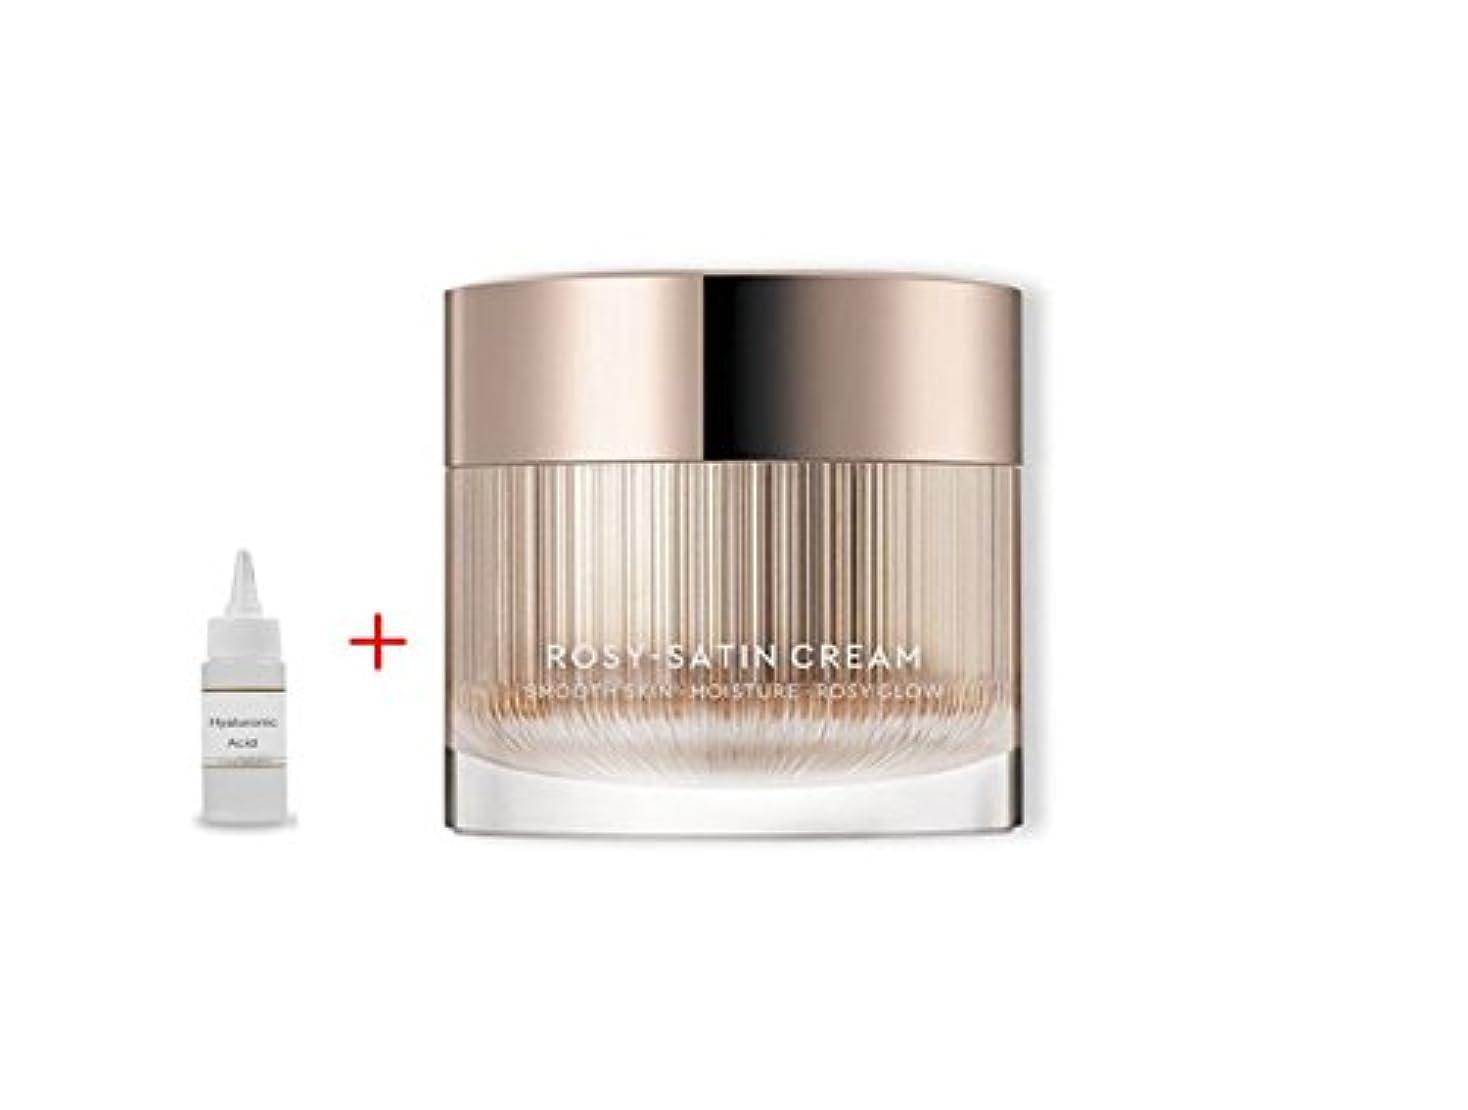 ファシズム印象的リングHERA New Rosy Satin Cream 50ml:Smooth Skin Moisture Rosy Glow 滑らかな肌の保湿化粧水 + Ochloo Hyaluronic Acid 20ml [並行輸入品]